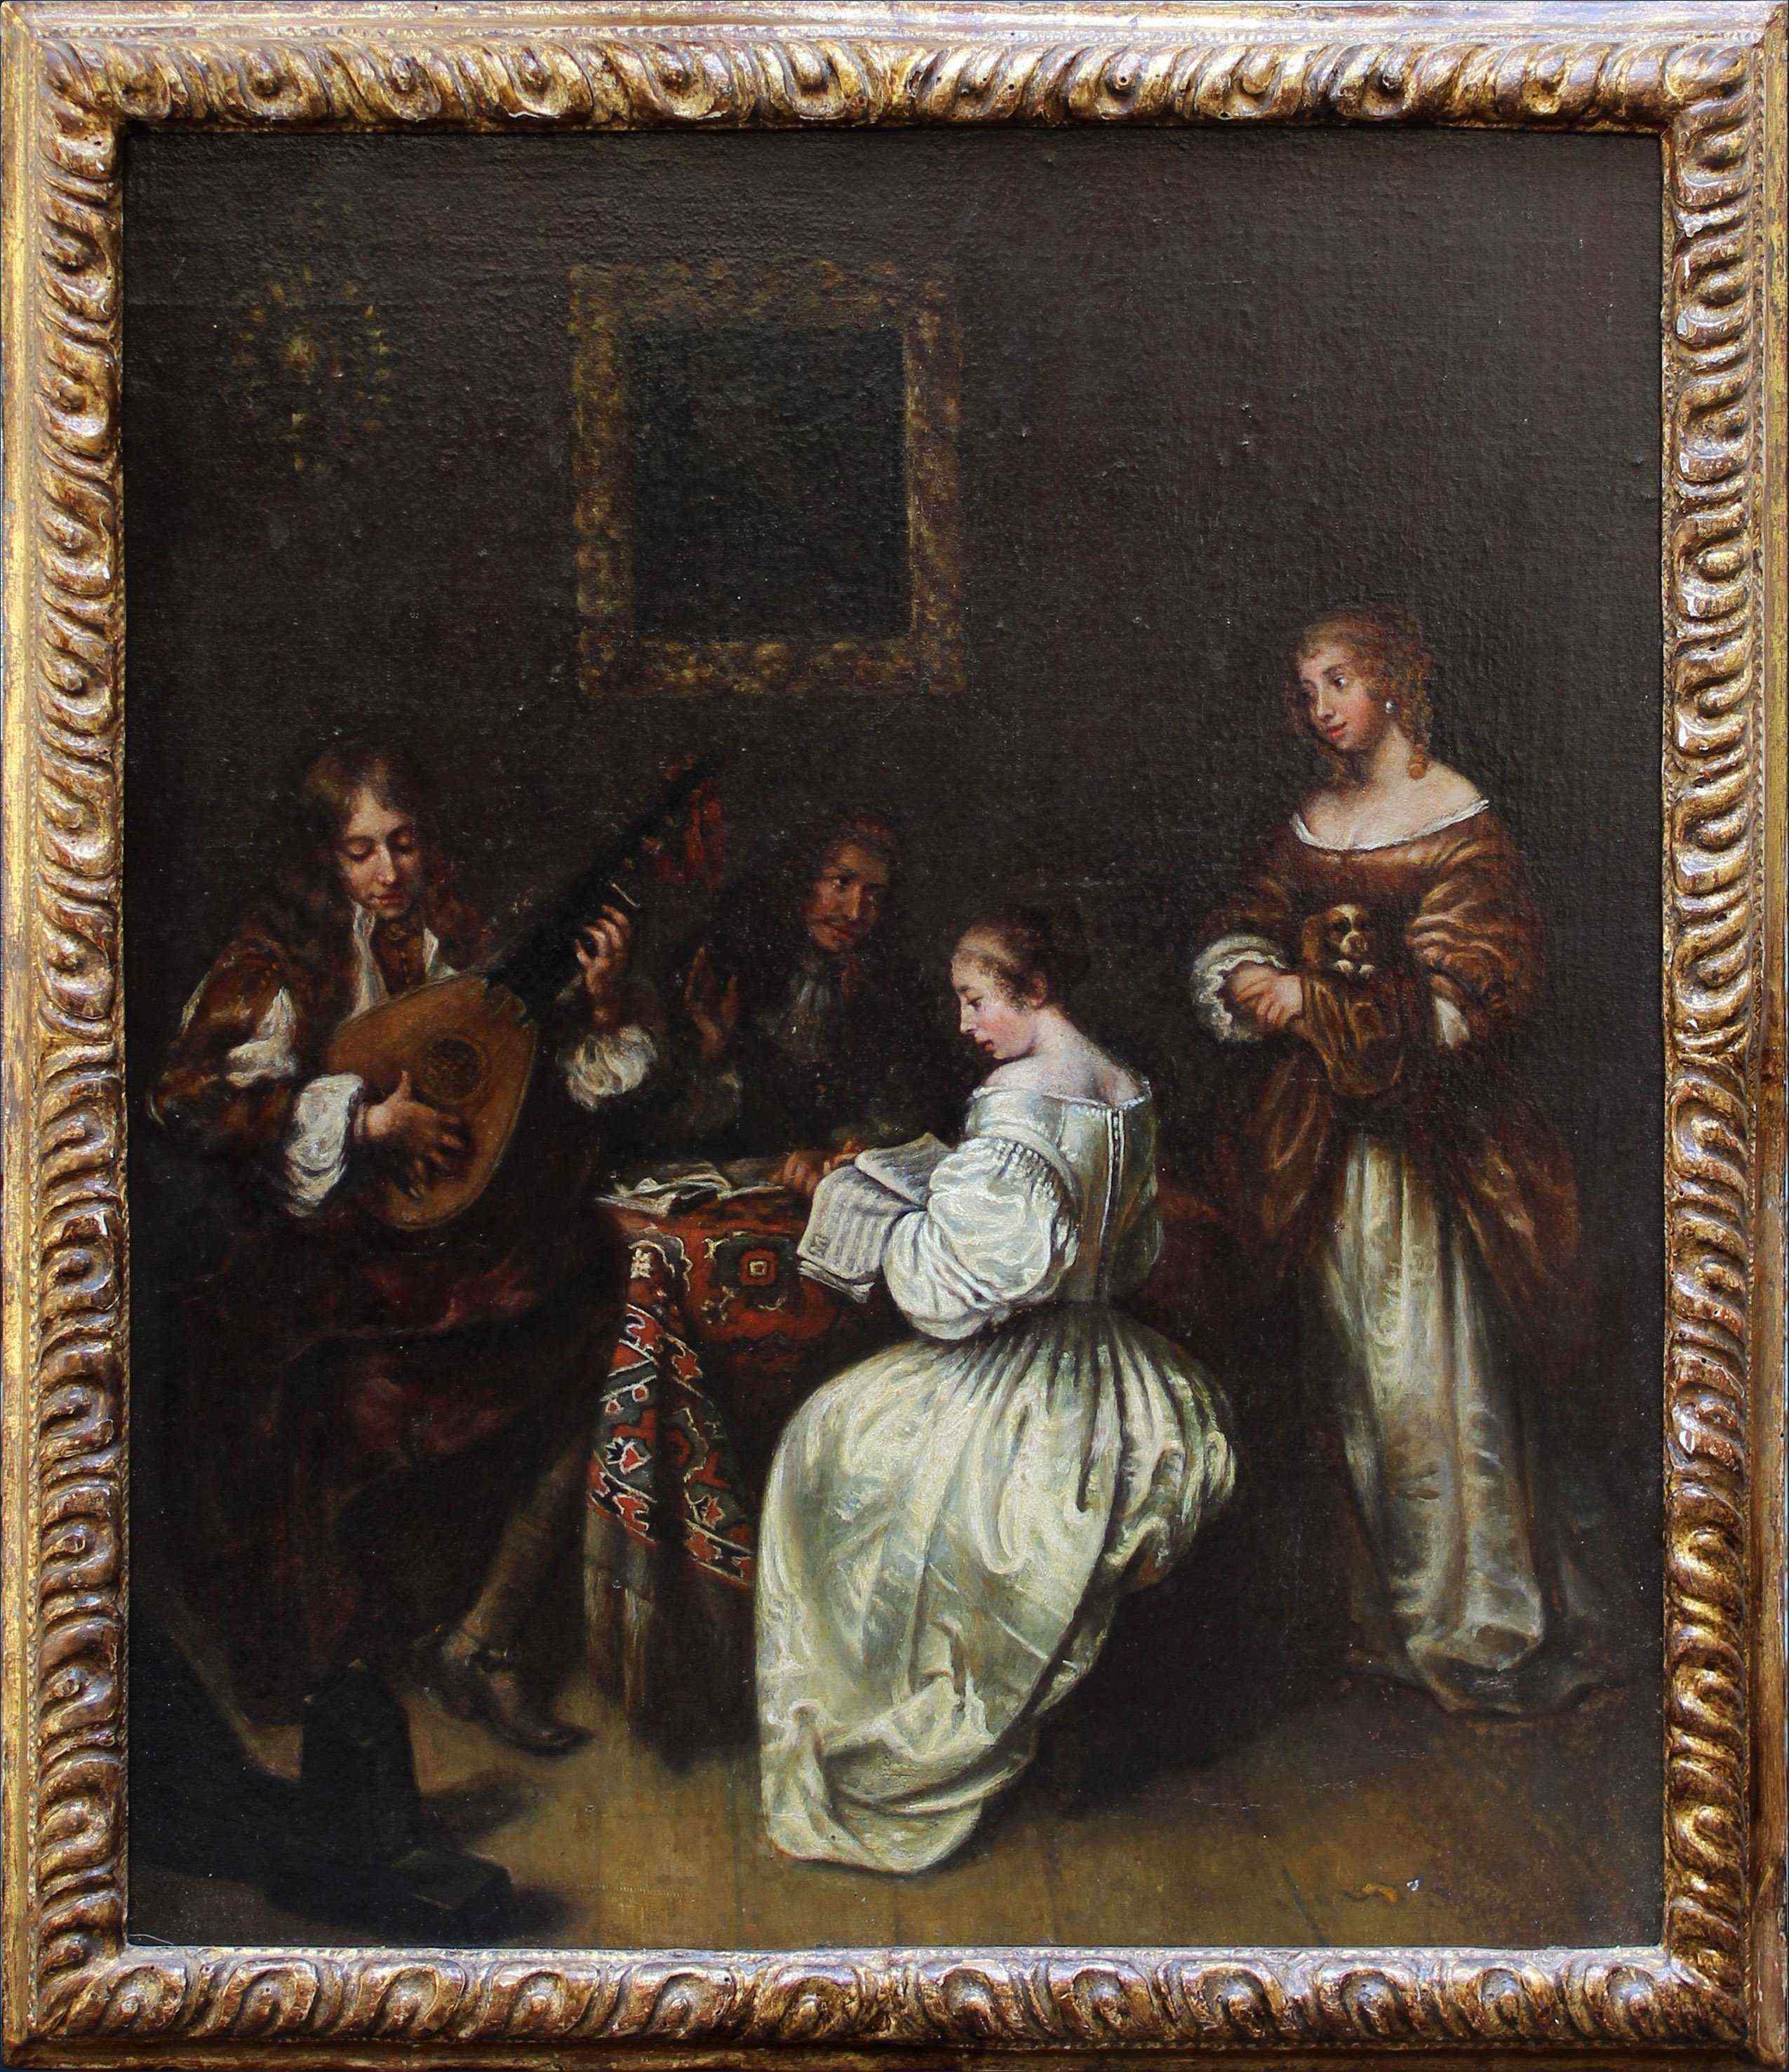 XVII secolo, Scuola fiamminga, Scena di concerto